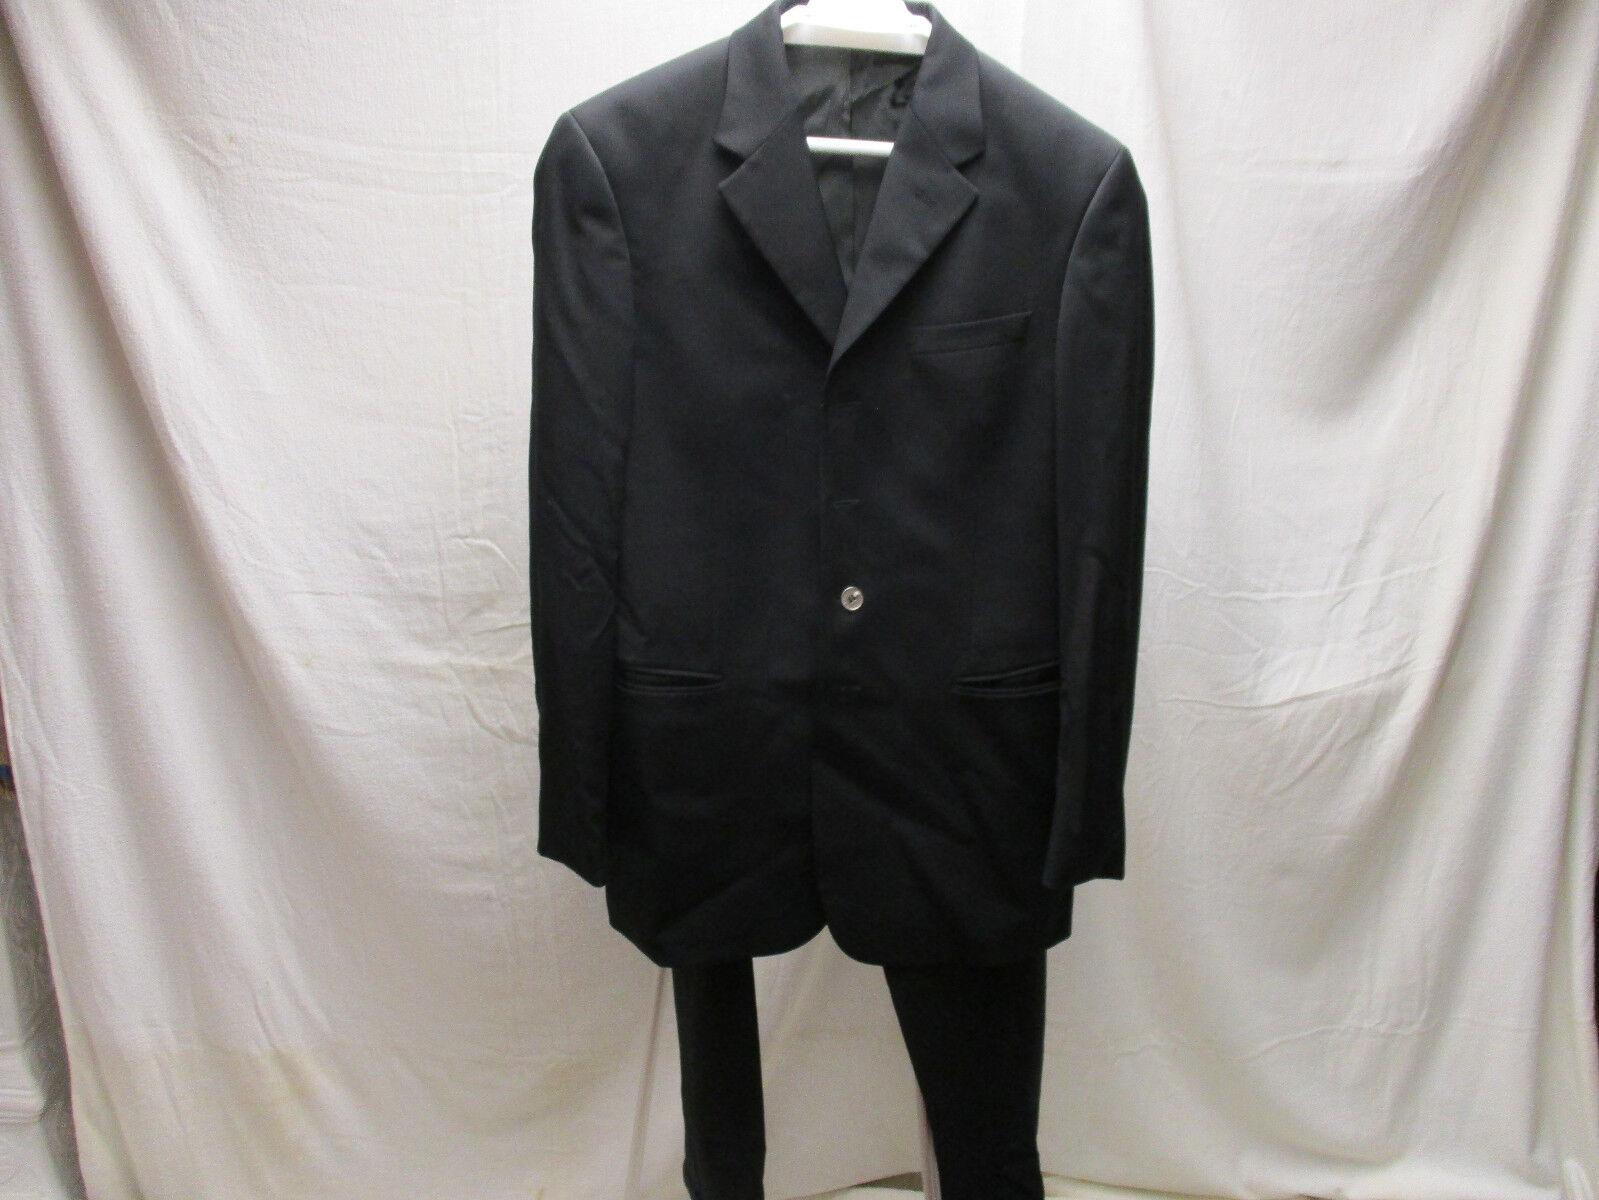 Versus Gianni Versace Men's Suit 38US Made in  Original Price over